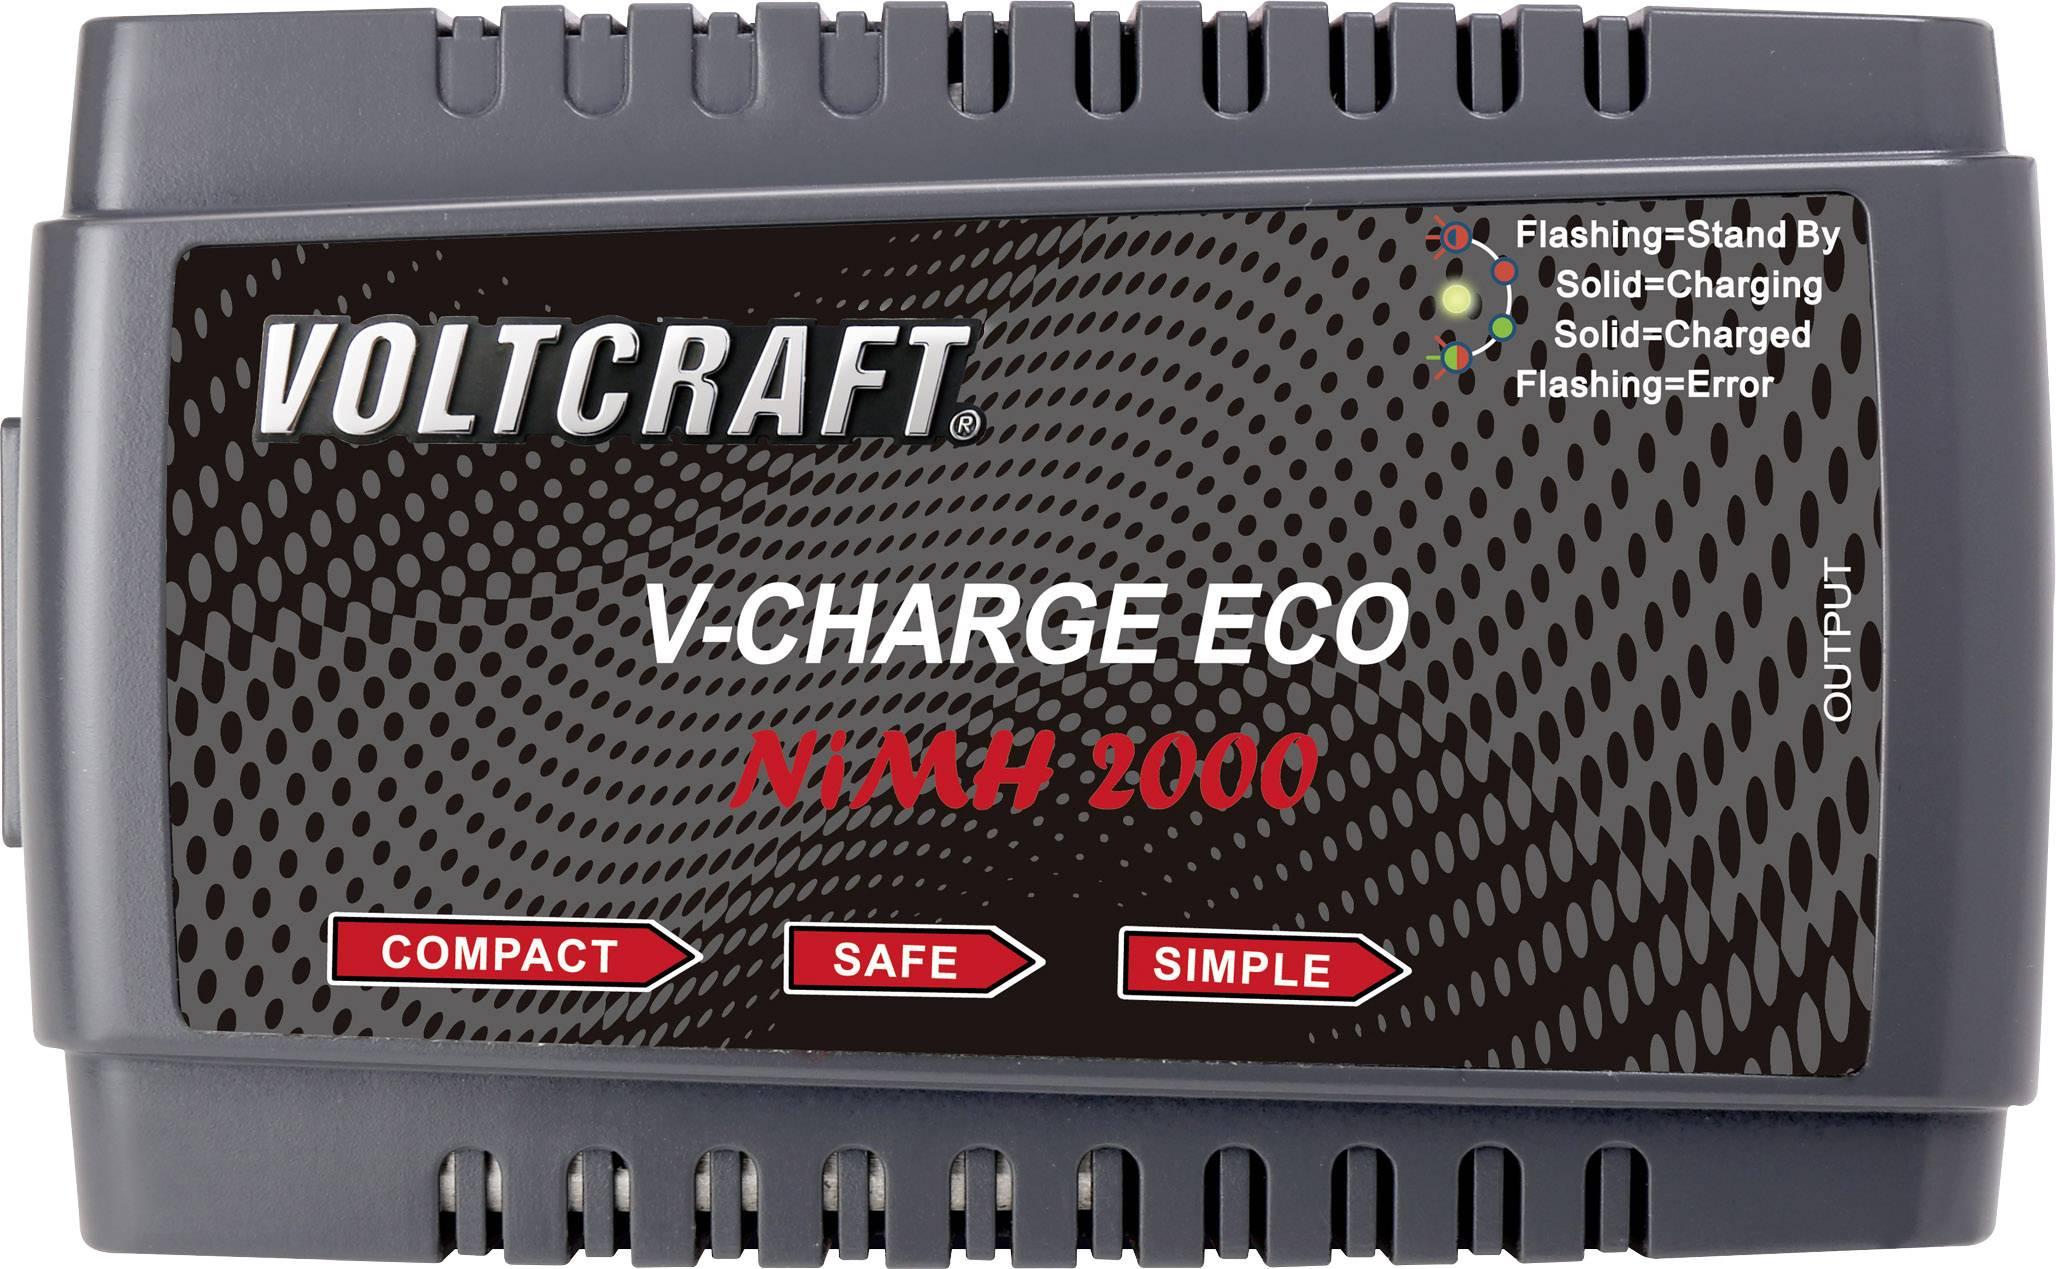 Modelářská nabíječka VOLTCRAFT V-Charge Eco NiMh 2000 1413029, 230 V, 2 A